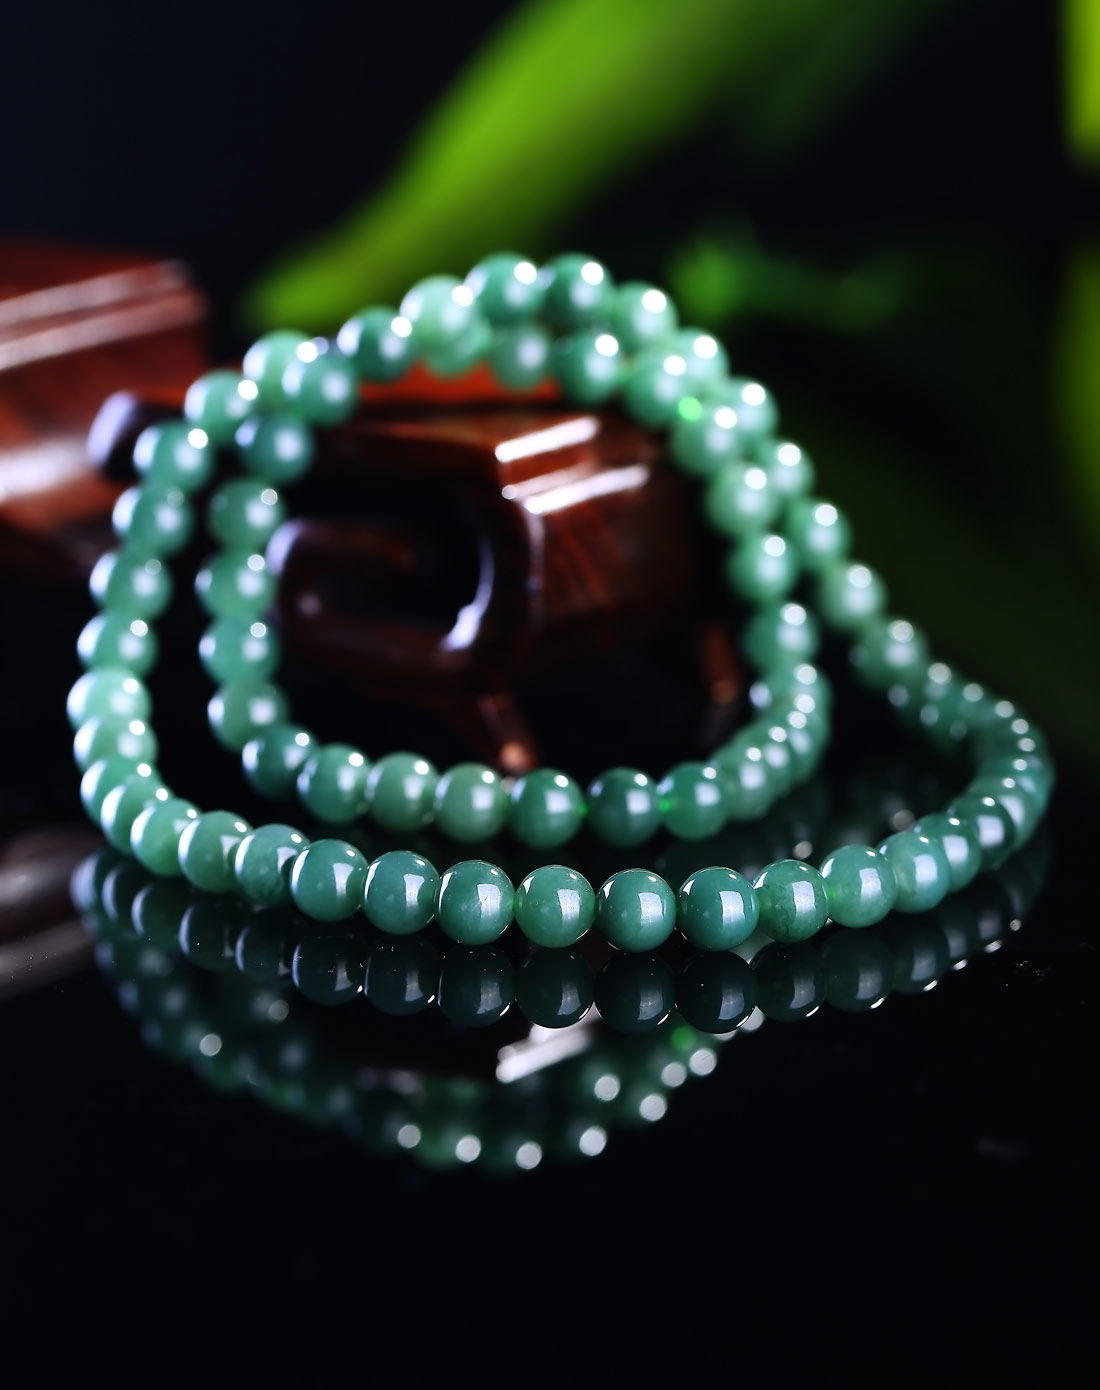 冰油青种满绿精选翡翠珠子精编项链